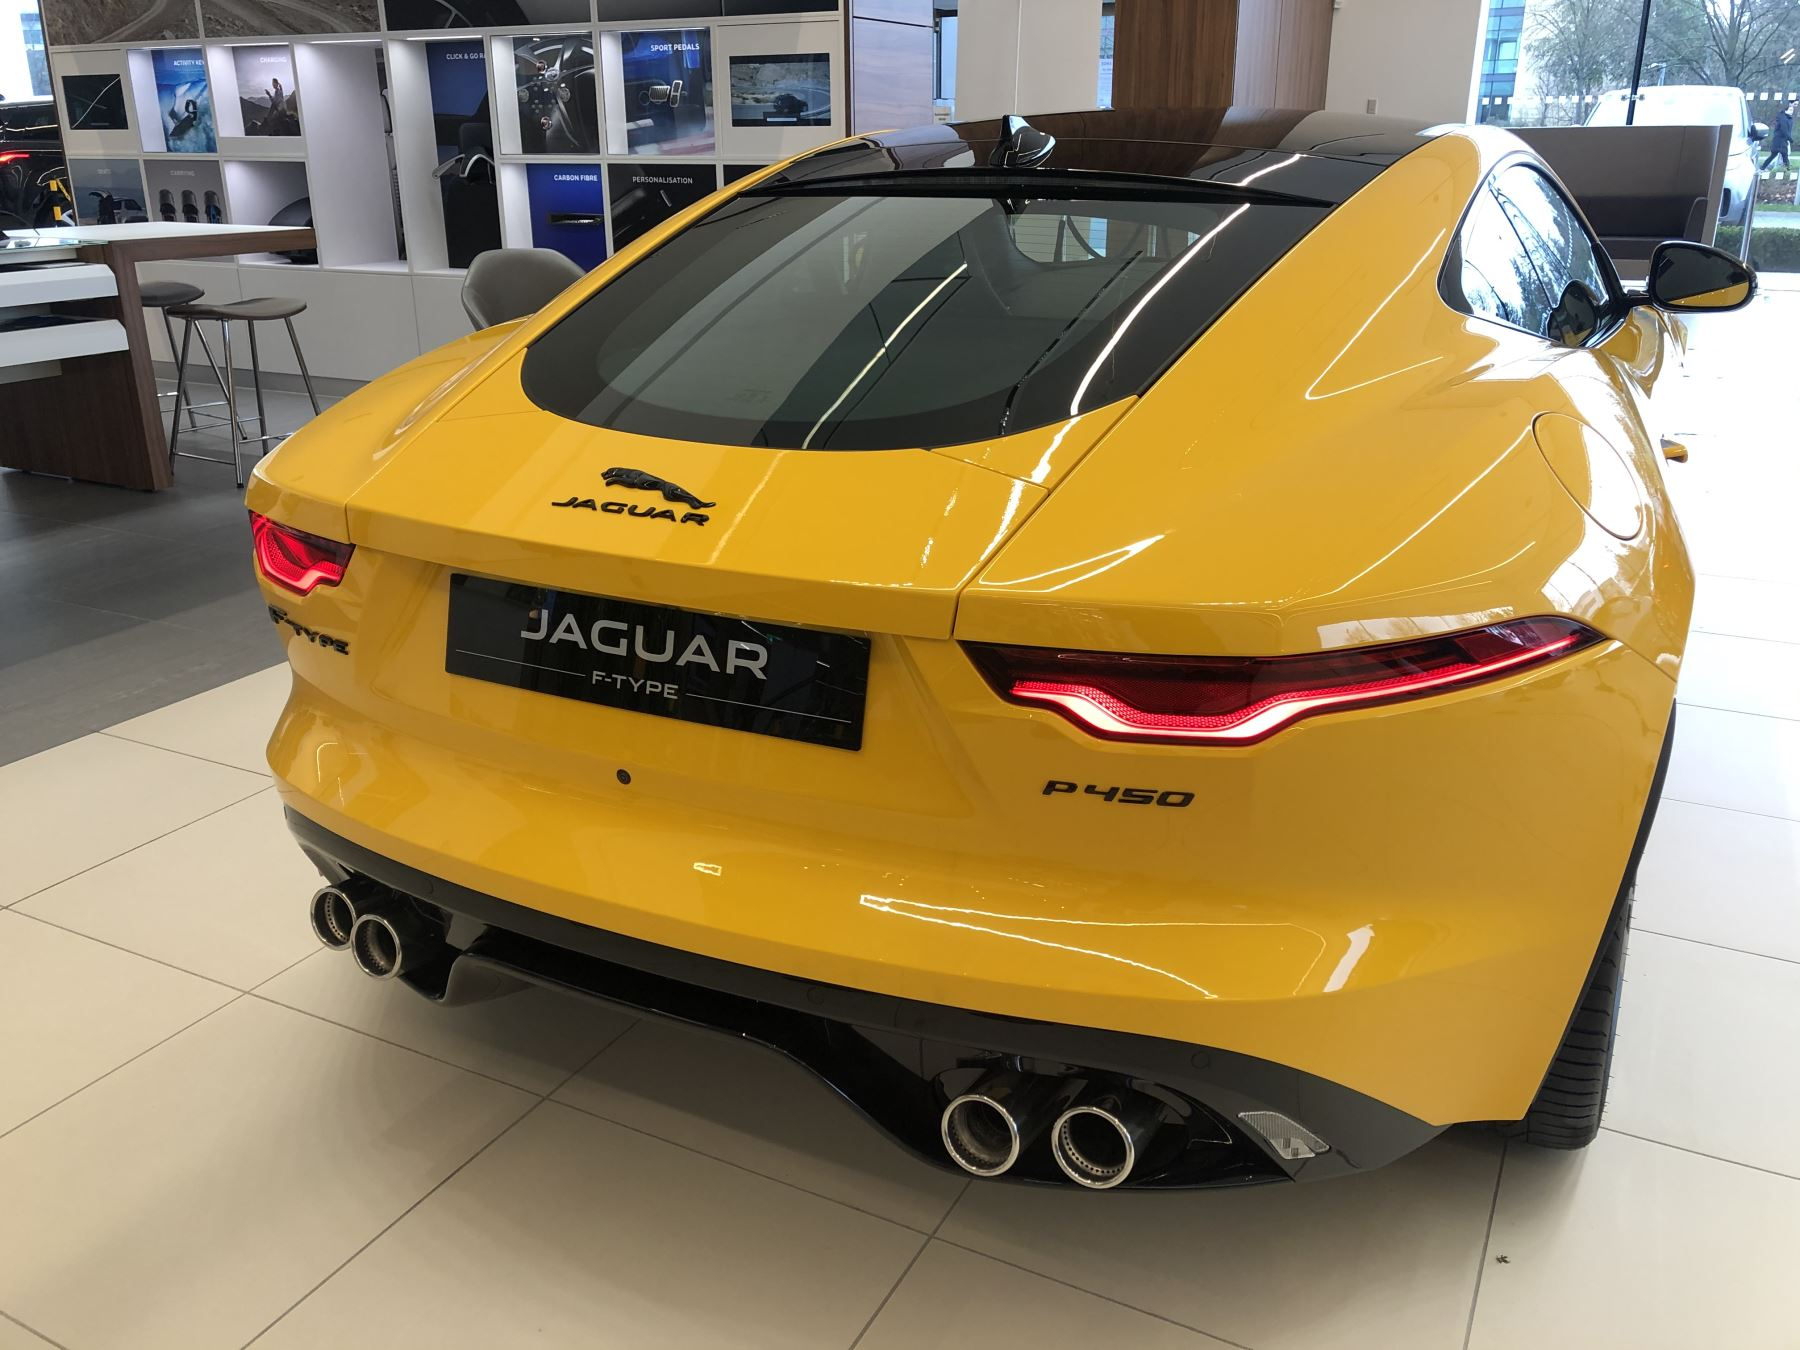 Jaguar F-TYPE 5.0 P450 Supercharged V8 R-Dynamic image 6